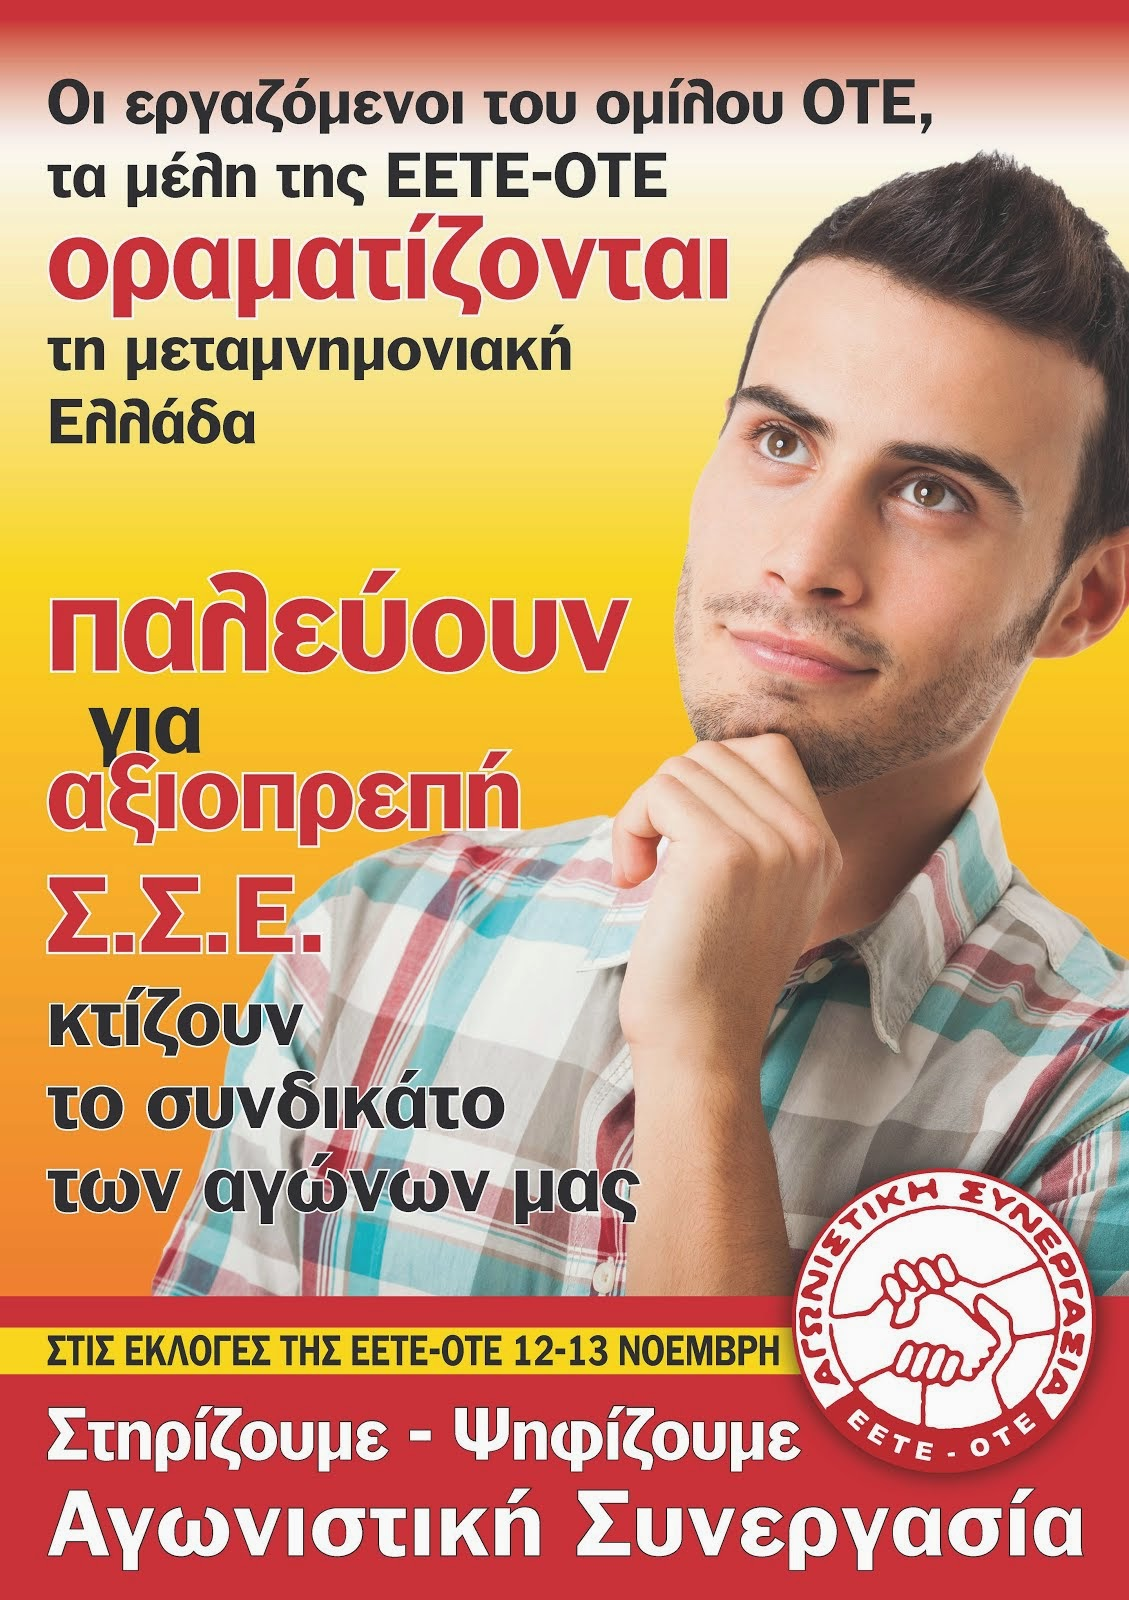 Εκλογές ΕΕΤΕ-ΟΤΕ 2014